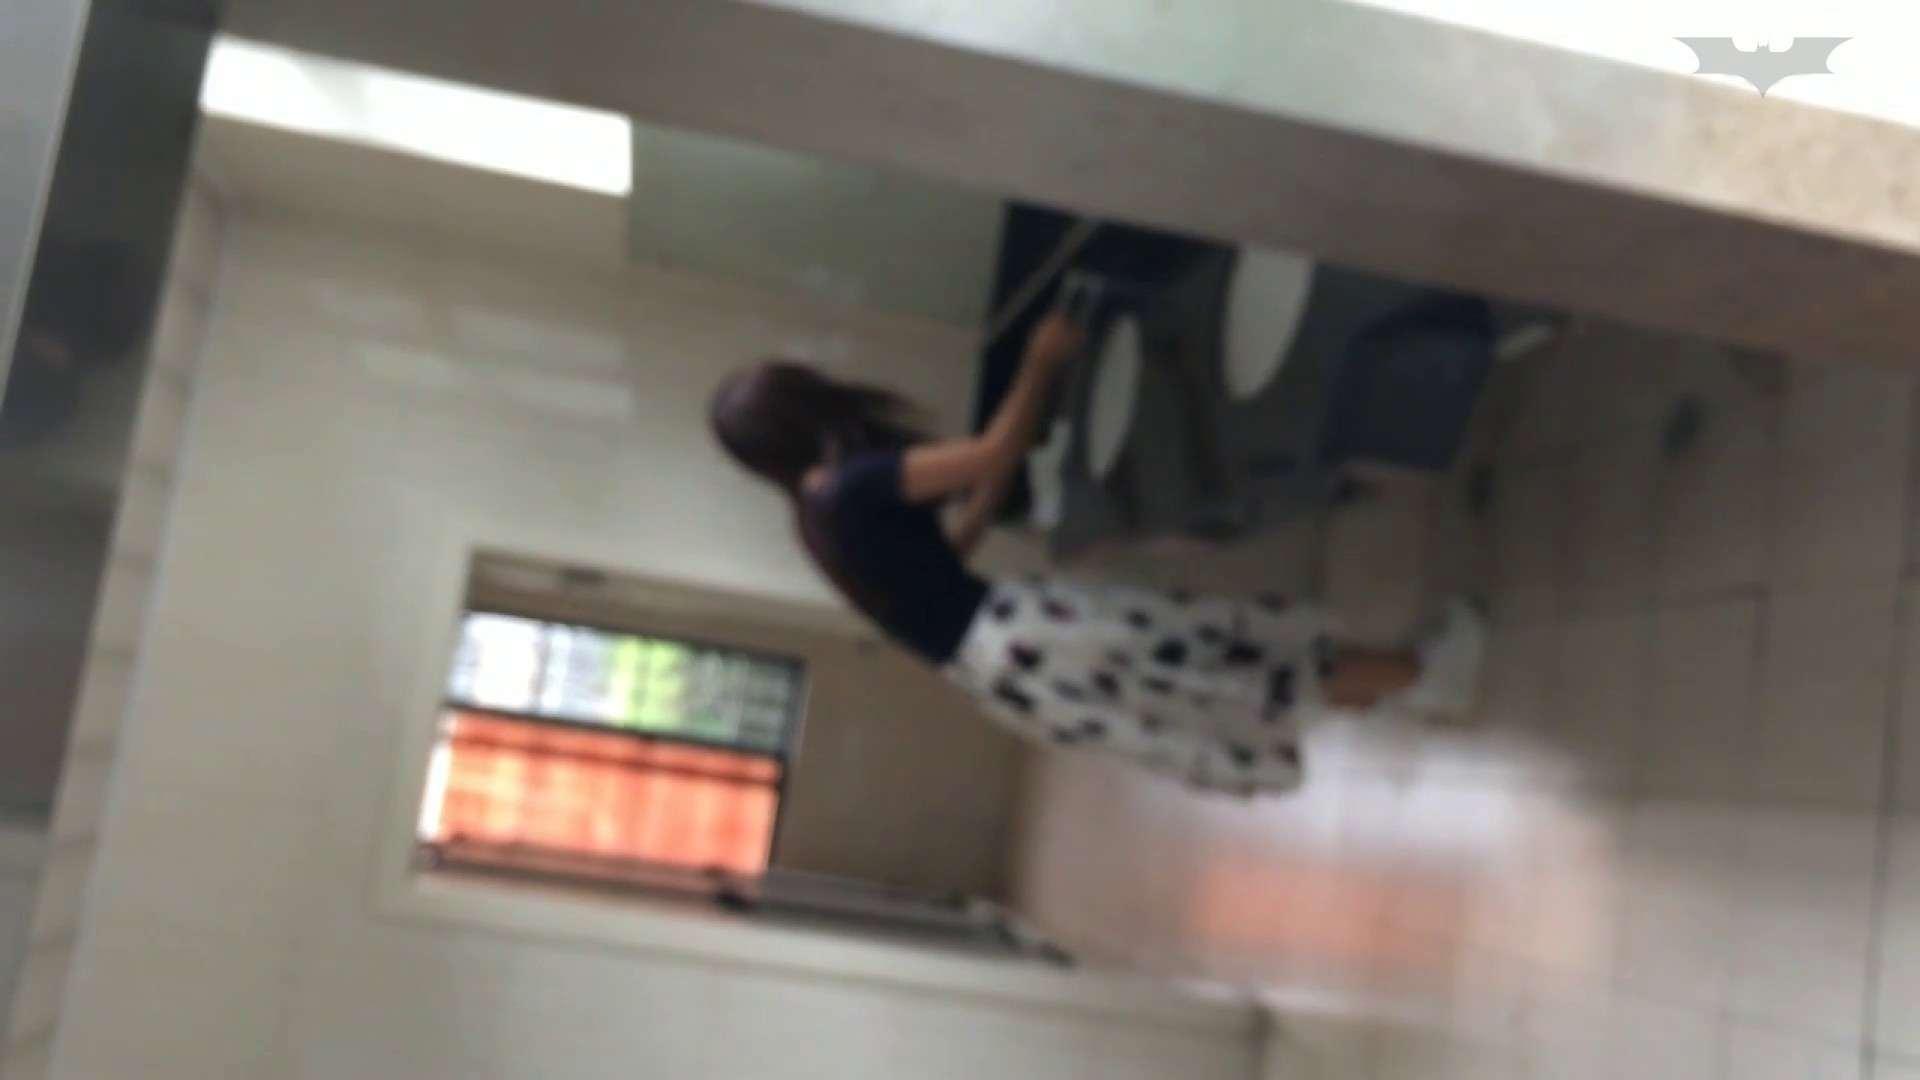 JD盗撮 美女の洗面所の秘密 Vol.45 トイレ中 | 盗撮エロすぎ  80連発 8